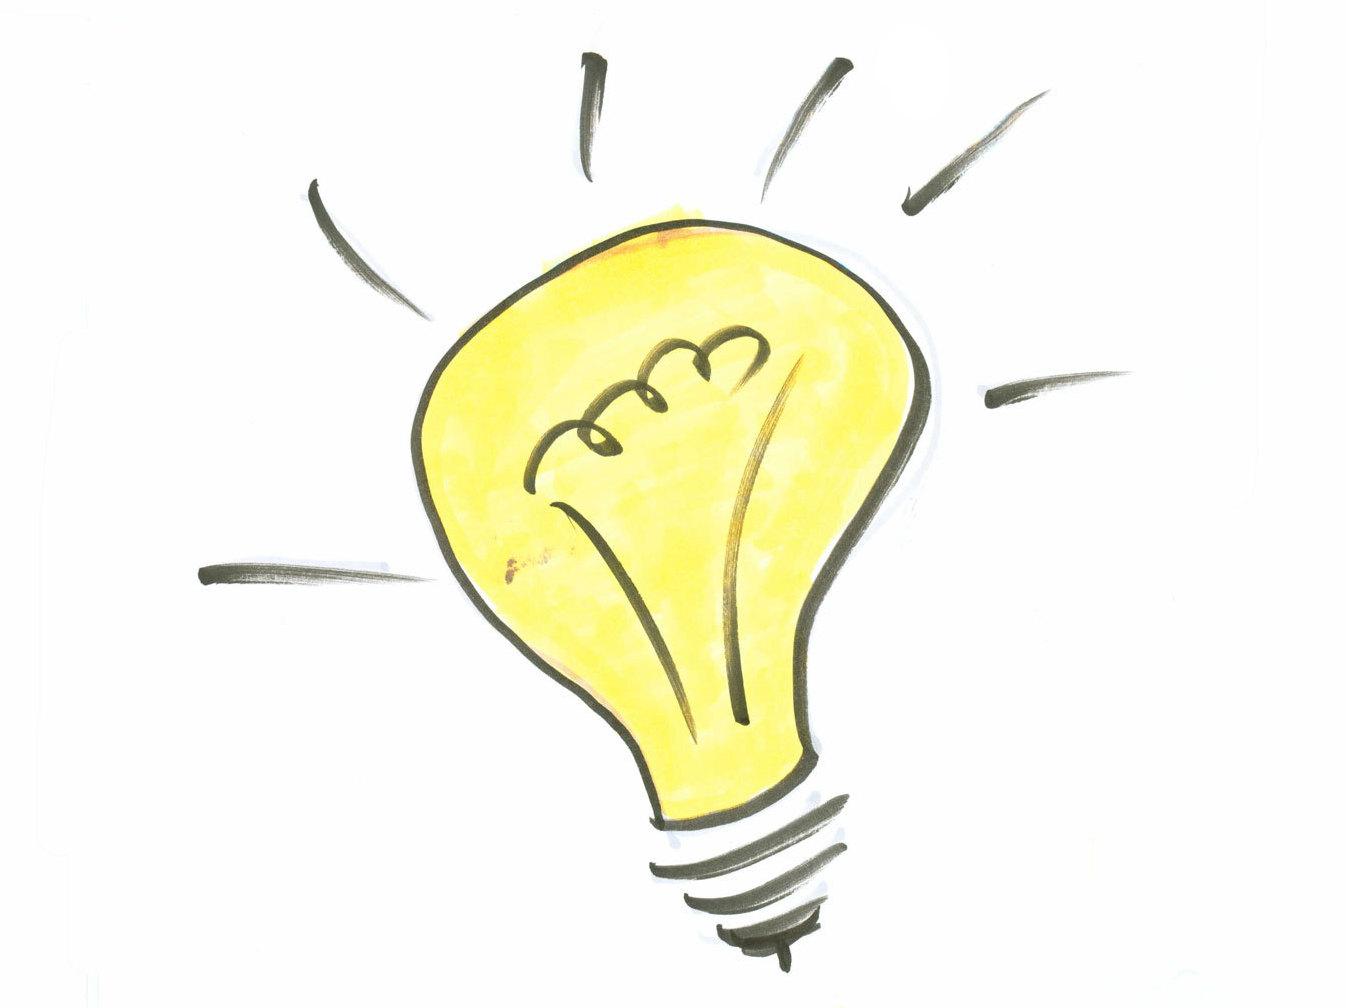 1346x1008 Light Bulb Drawing Light Bulbs Light Bulb, Bulbs